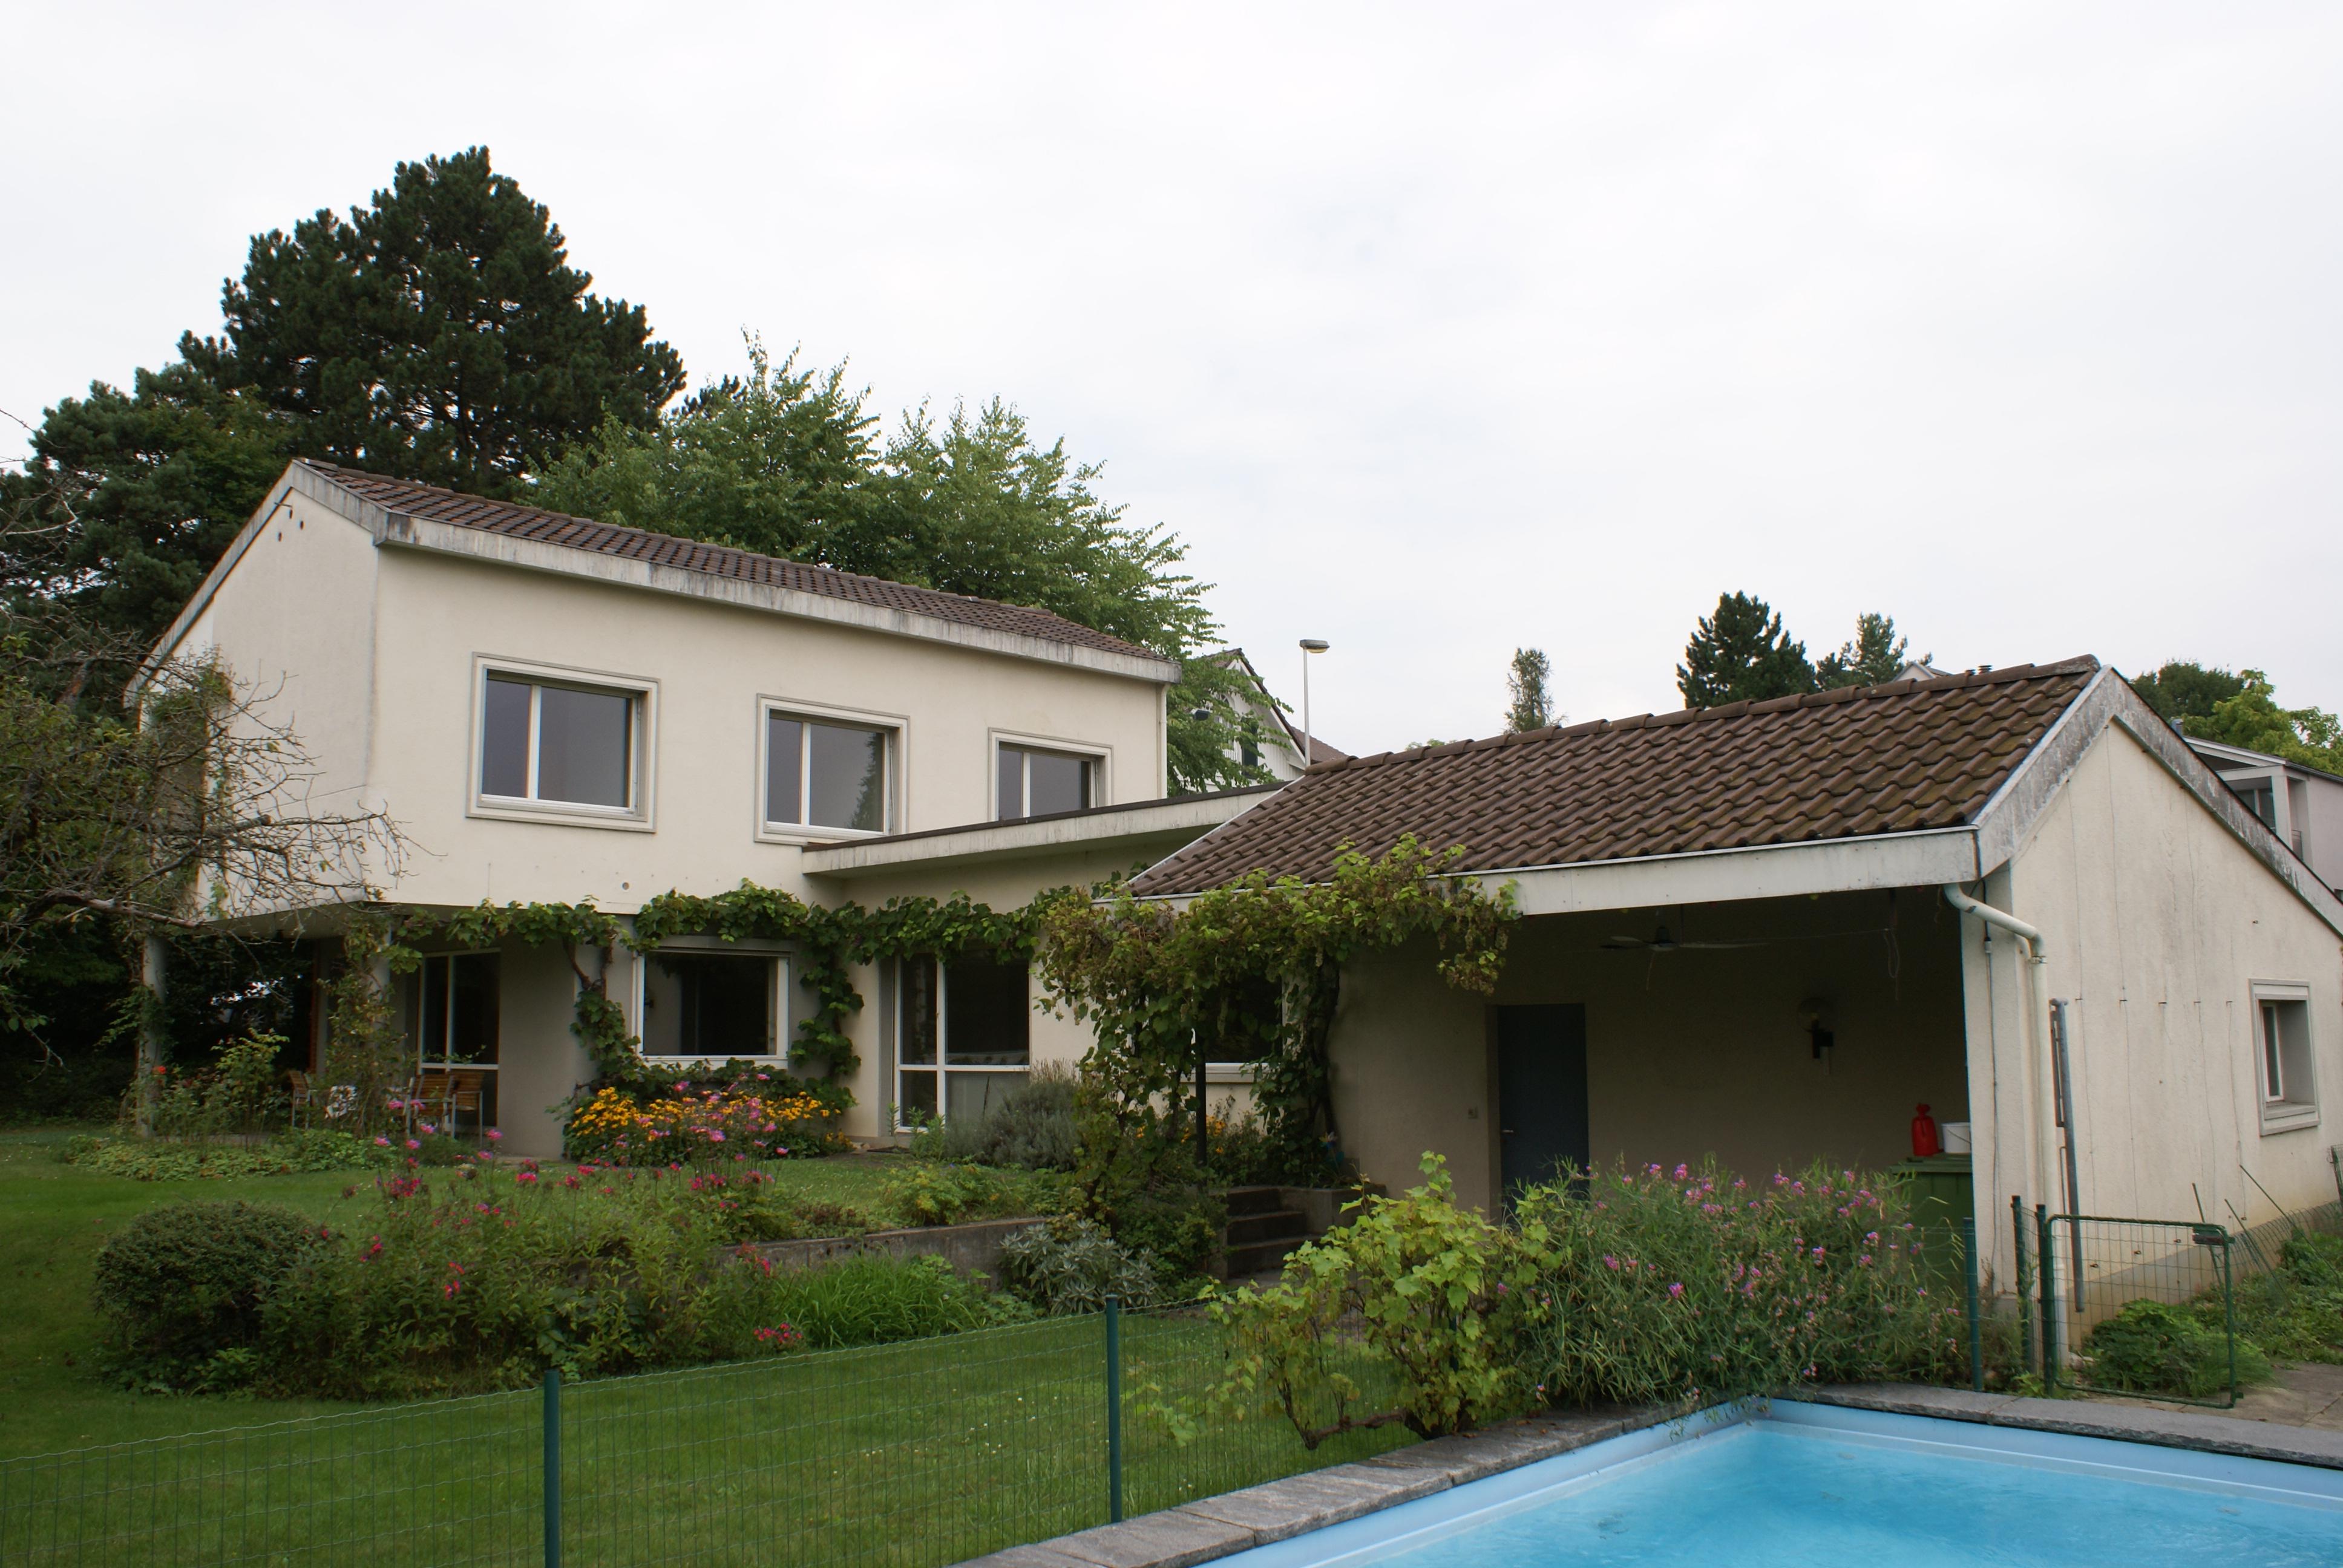 5,5-Zimmer-EFH mit Pool in Oberwil / BL (vermietet)